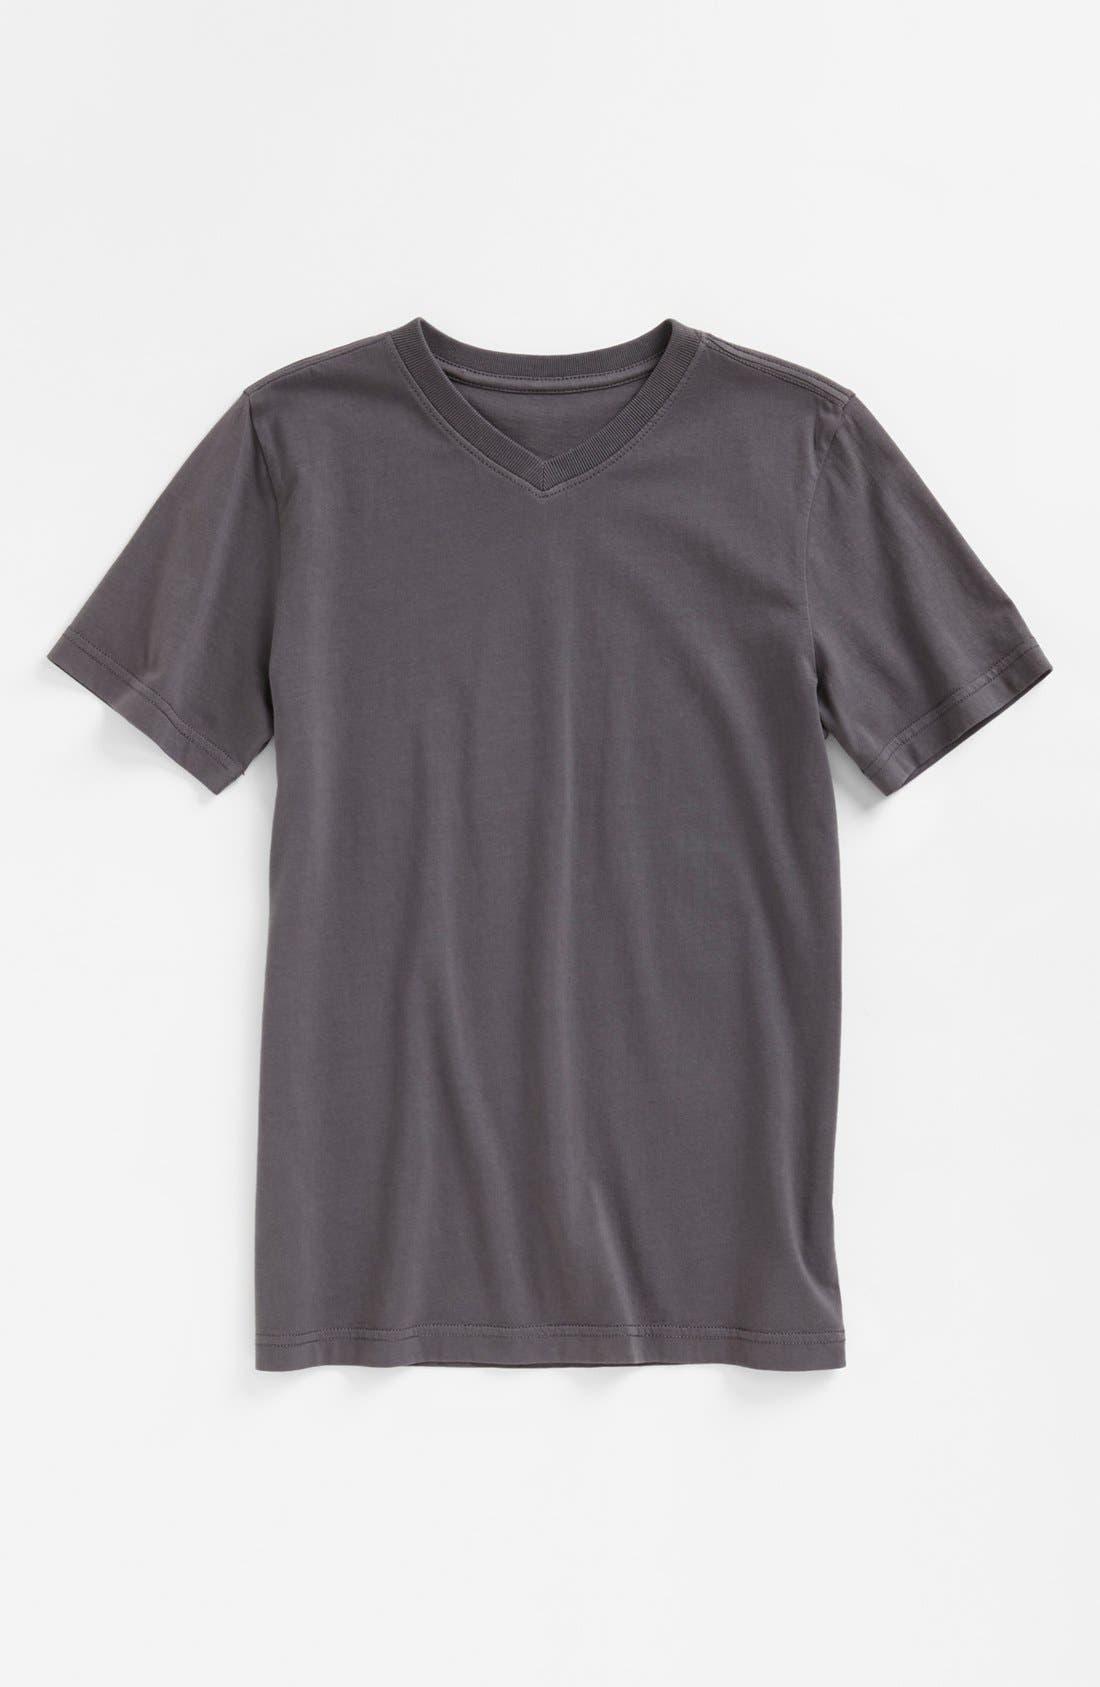 Main Image - Tucker + Tate 'Eastlake' T-Shirt (Toddler Boys & Little Boys)